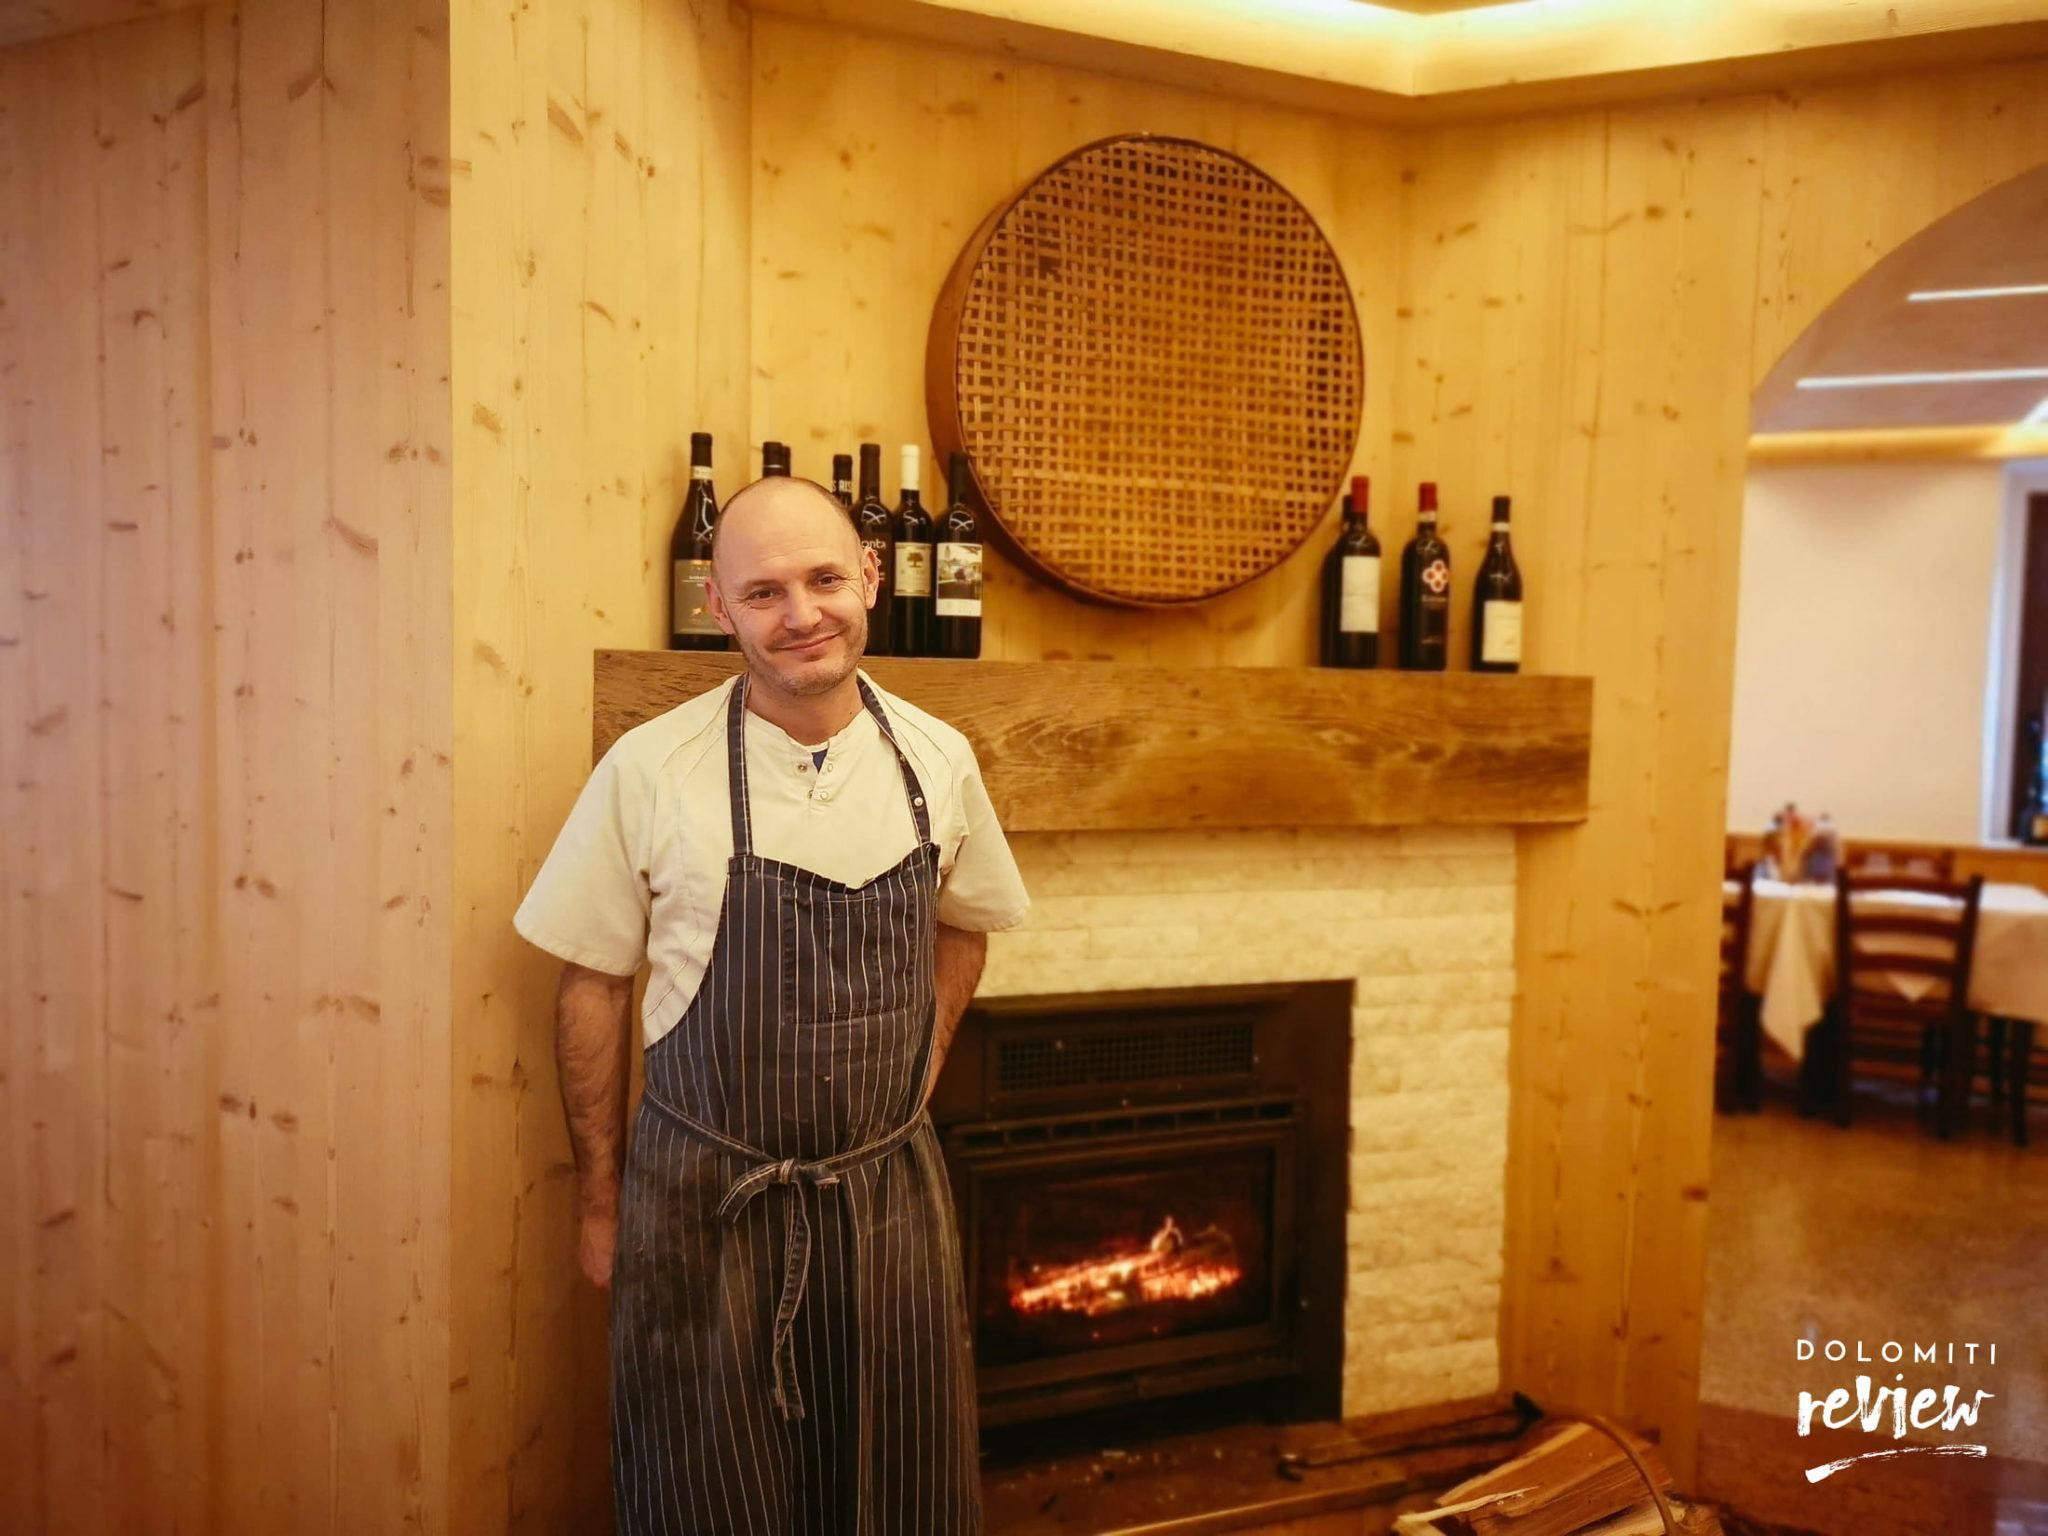 Andrea Forni, chef del ristorante La Favorita